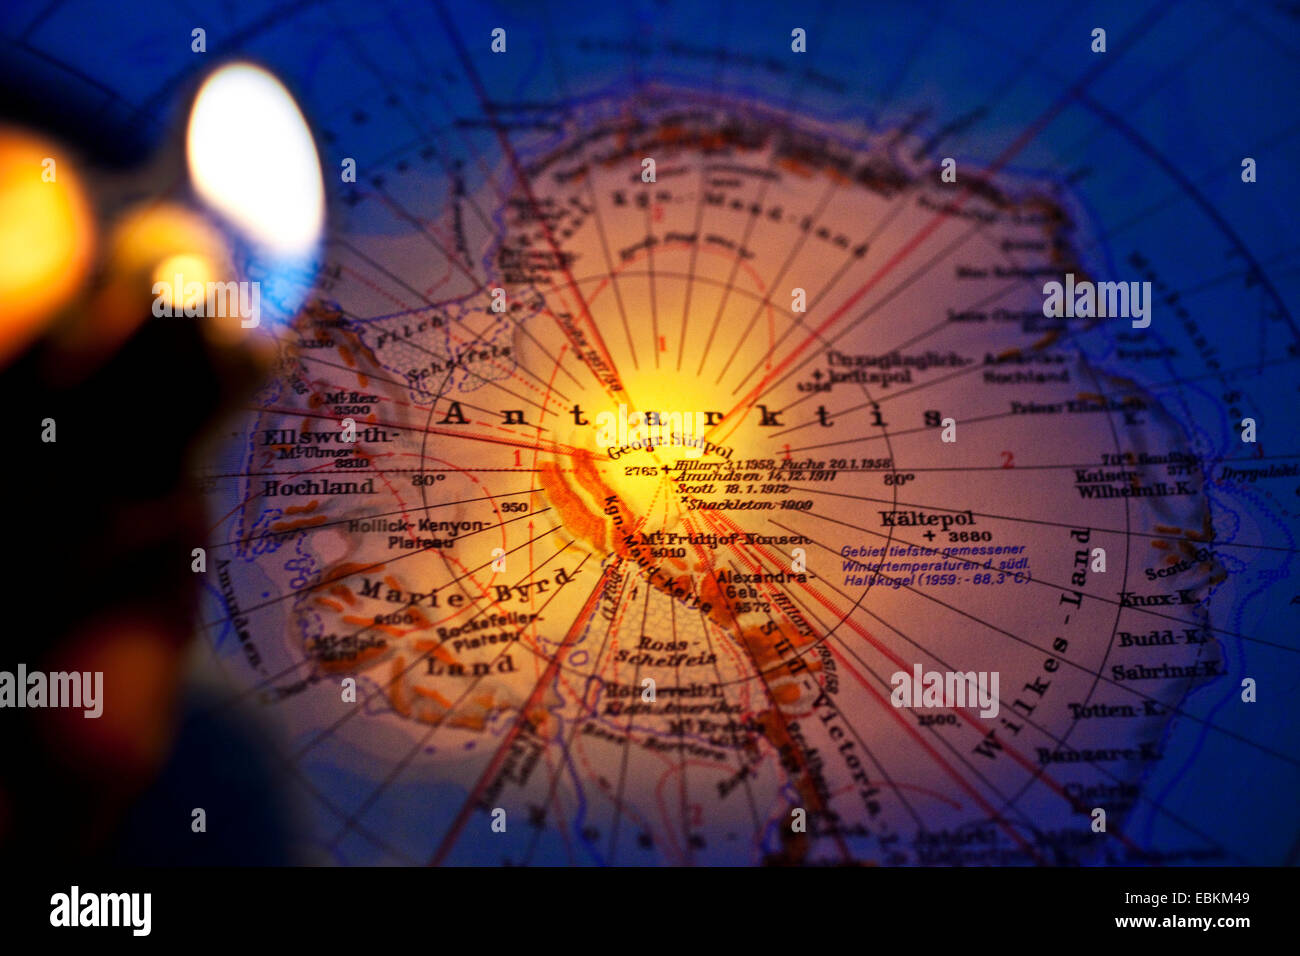 Sensación de ardor ligero sobre el mapa de la Antártida, símbolo del calentamiento global Imagen De Stock